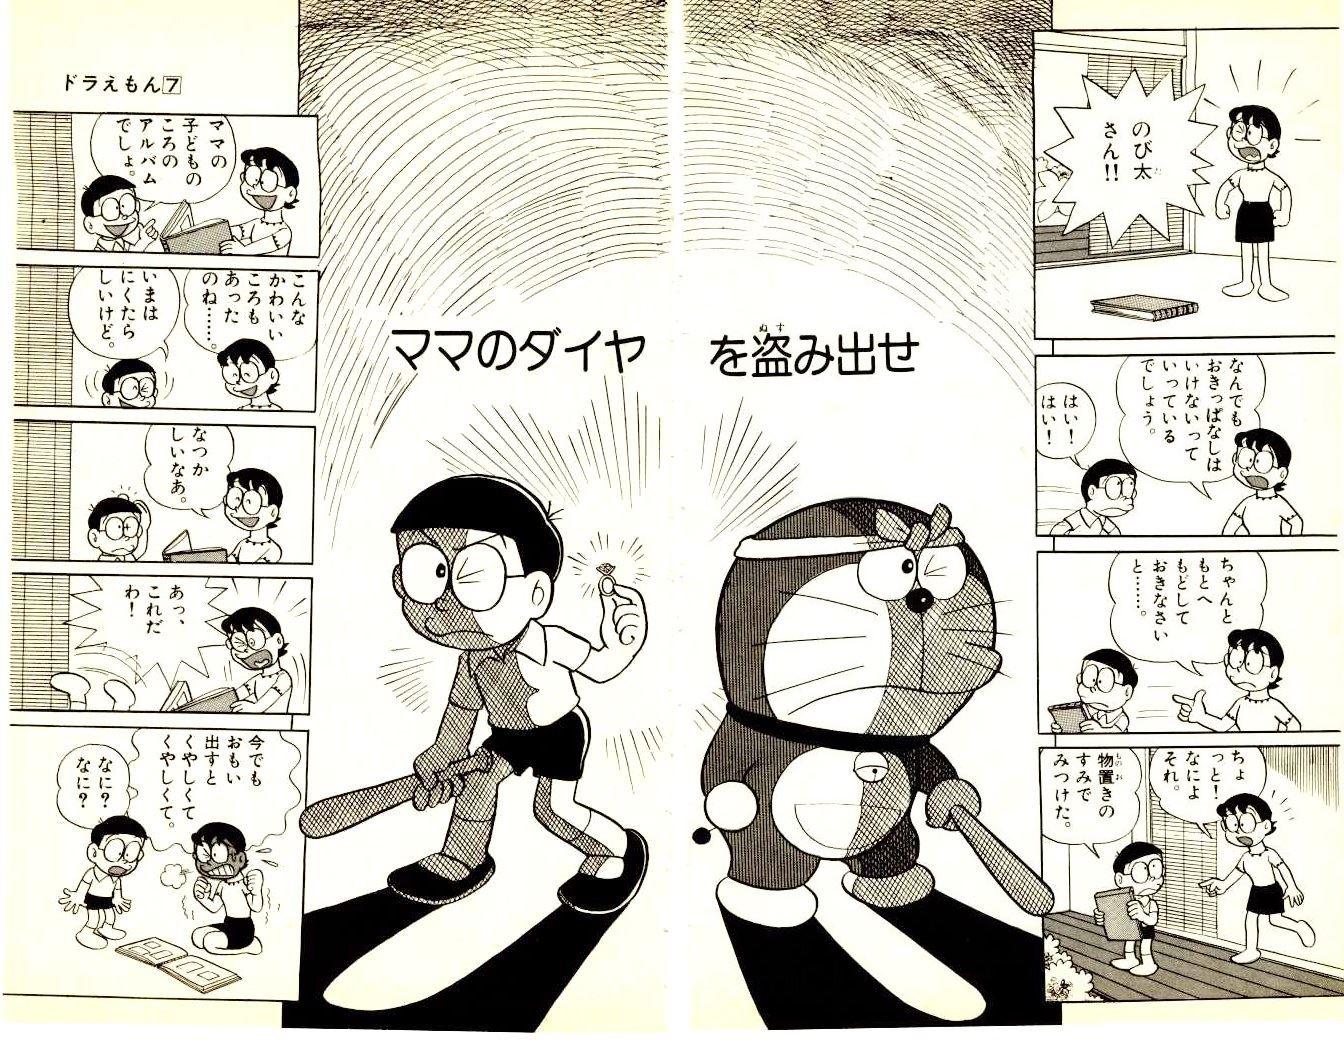 Tìm hiểu về manga – nghệ thuật truyện tranh Nhật Bản